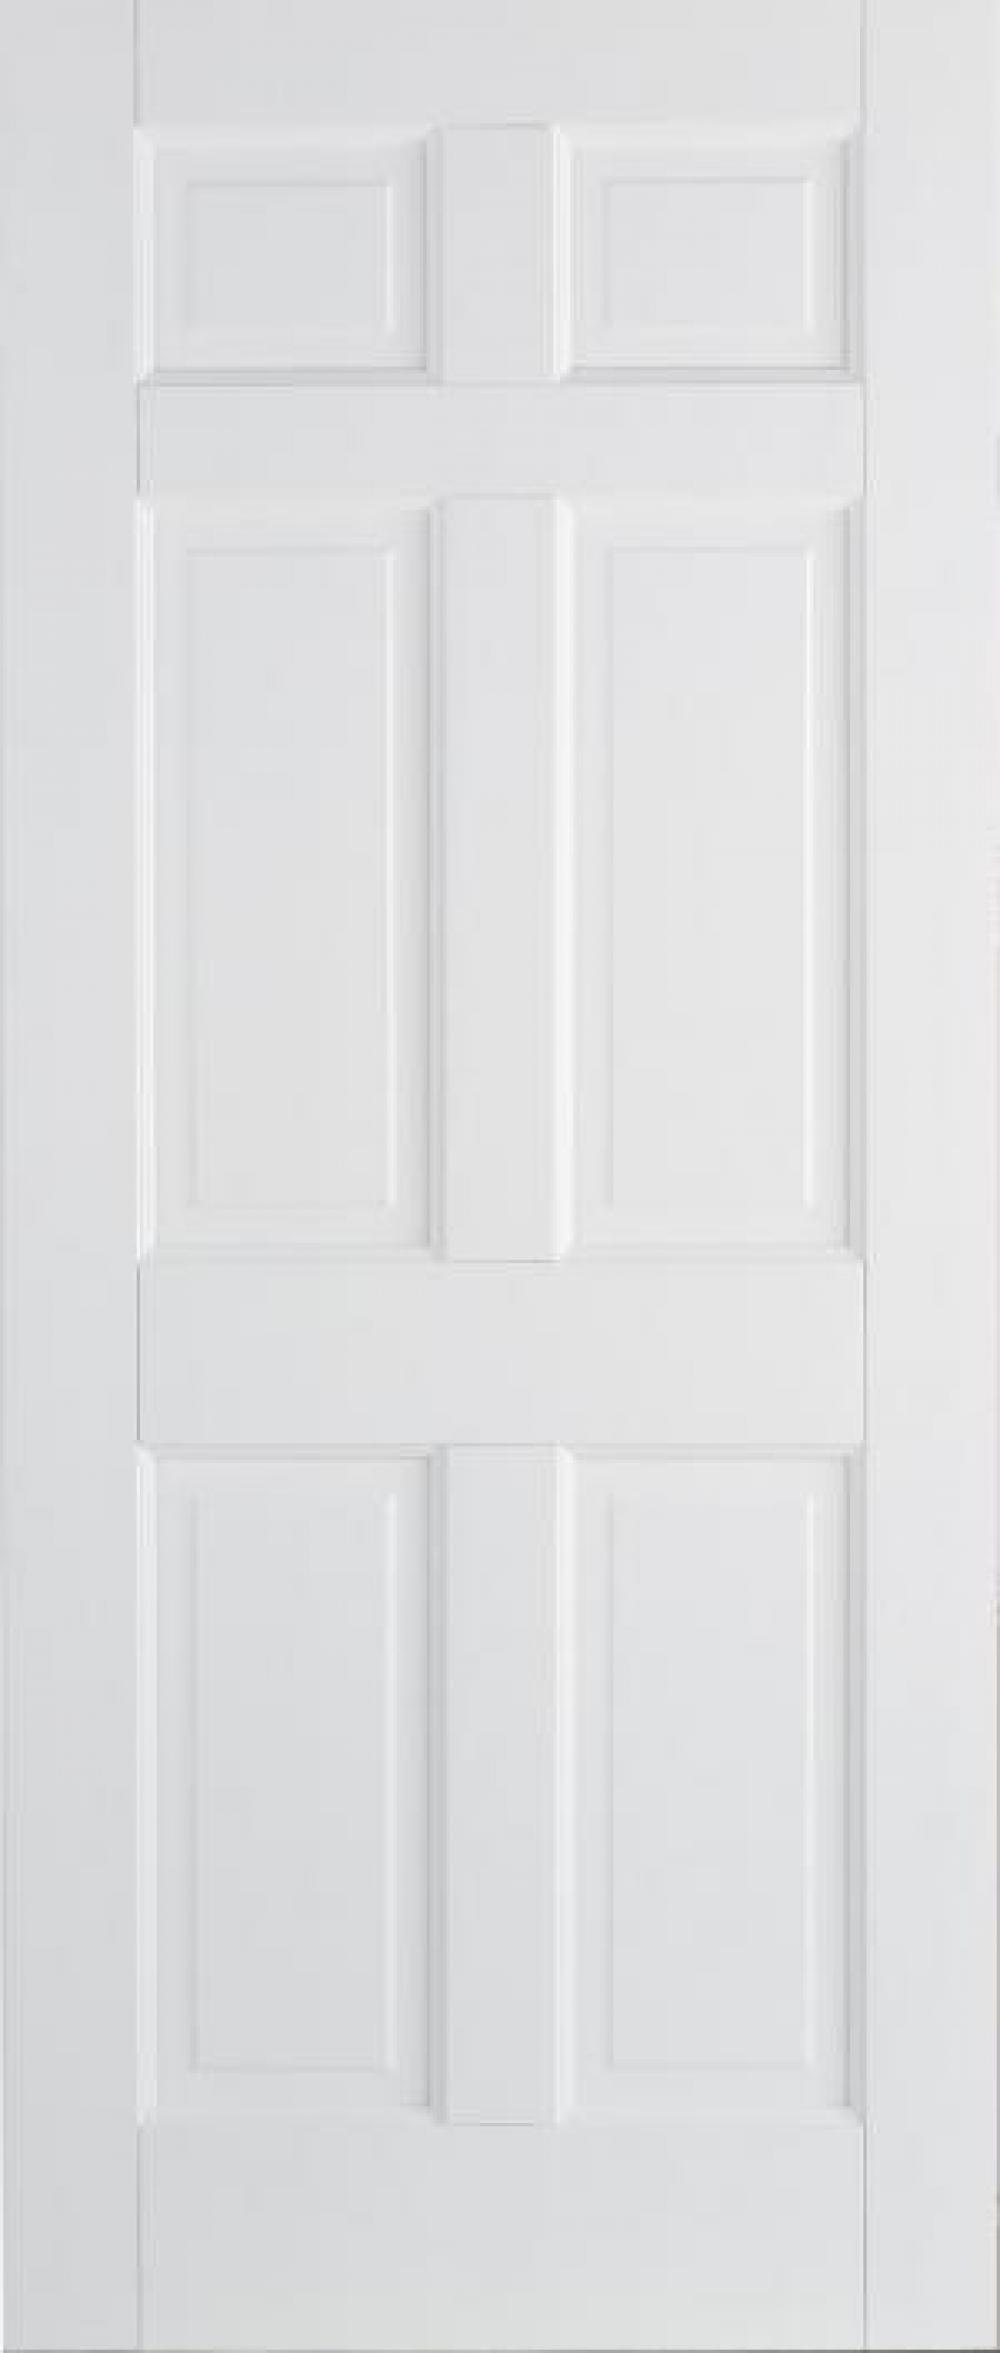 Regency White 6p Image